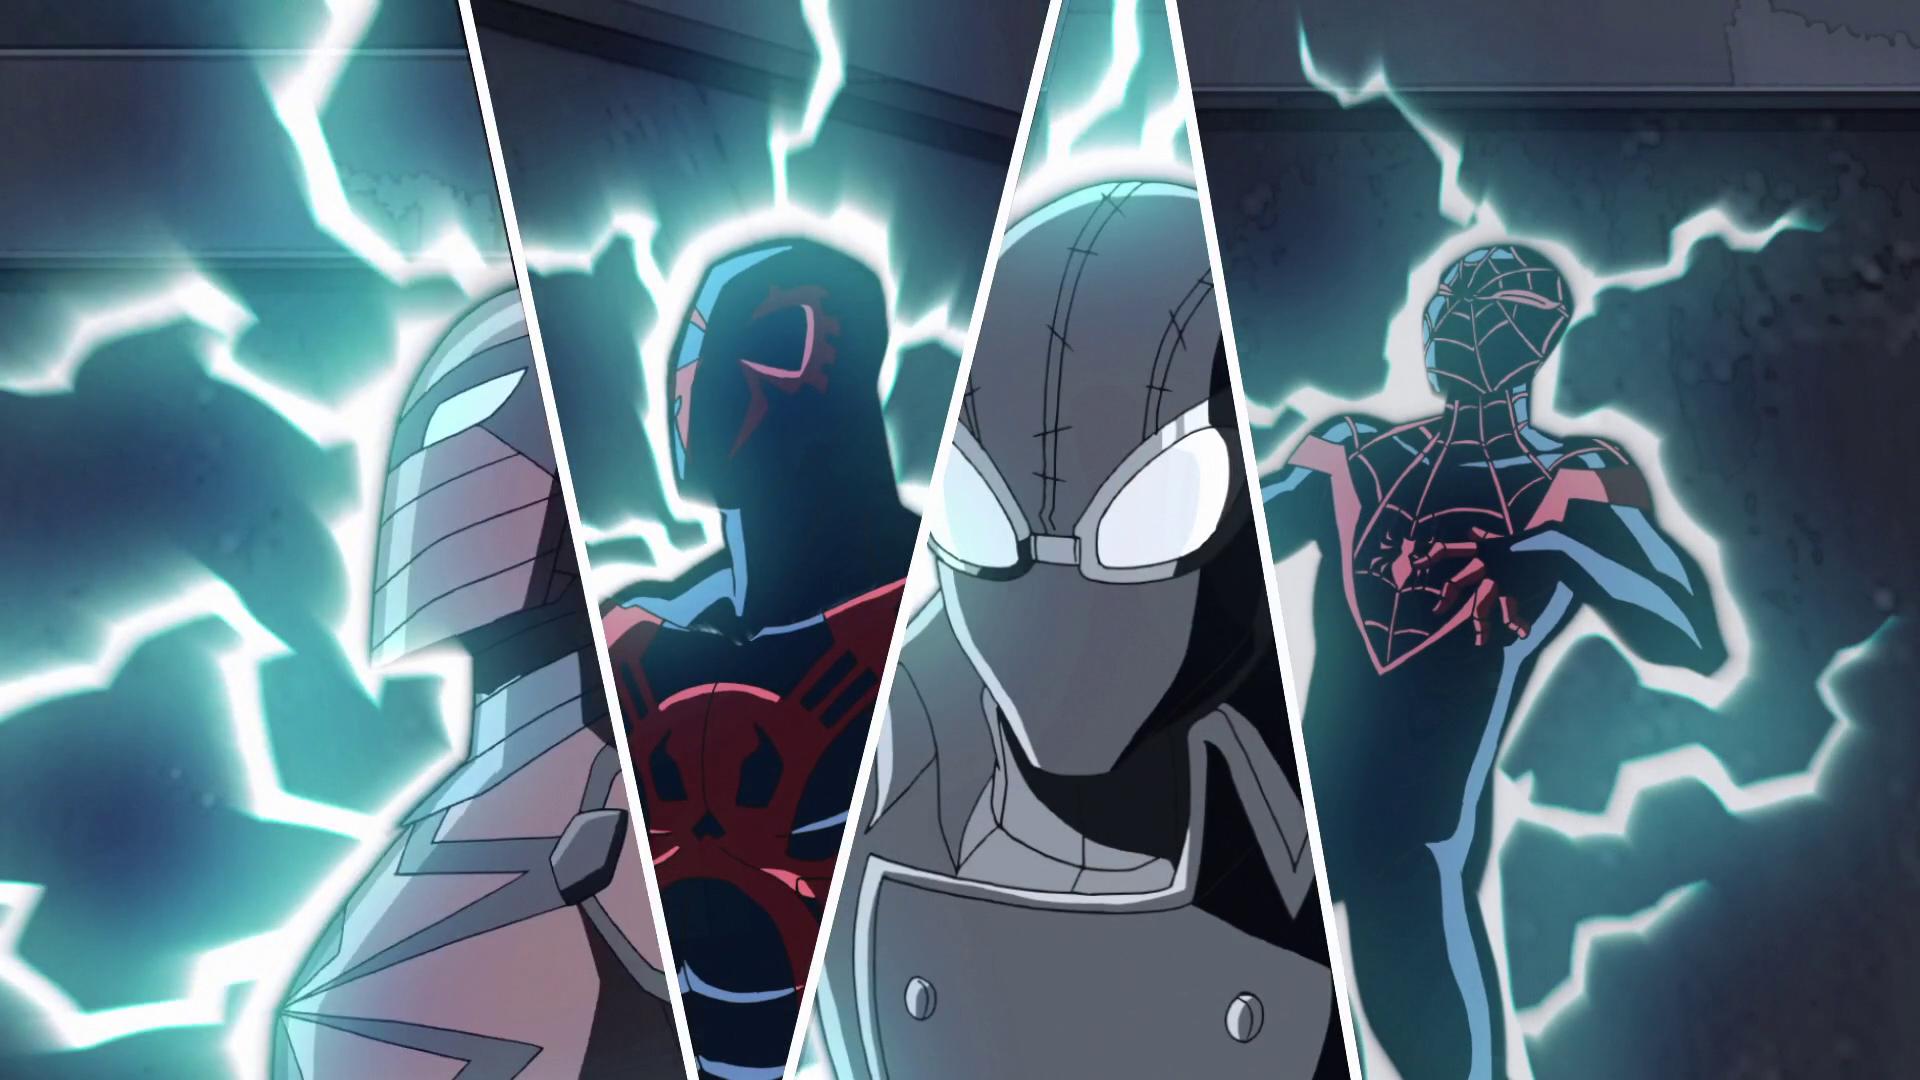 Image - Spider-Man 2099, Spider-Man Noir, Spyder-Knight ...